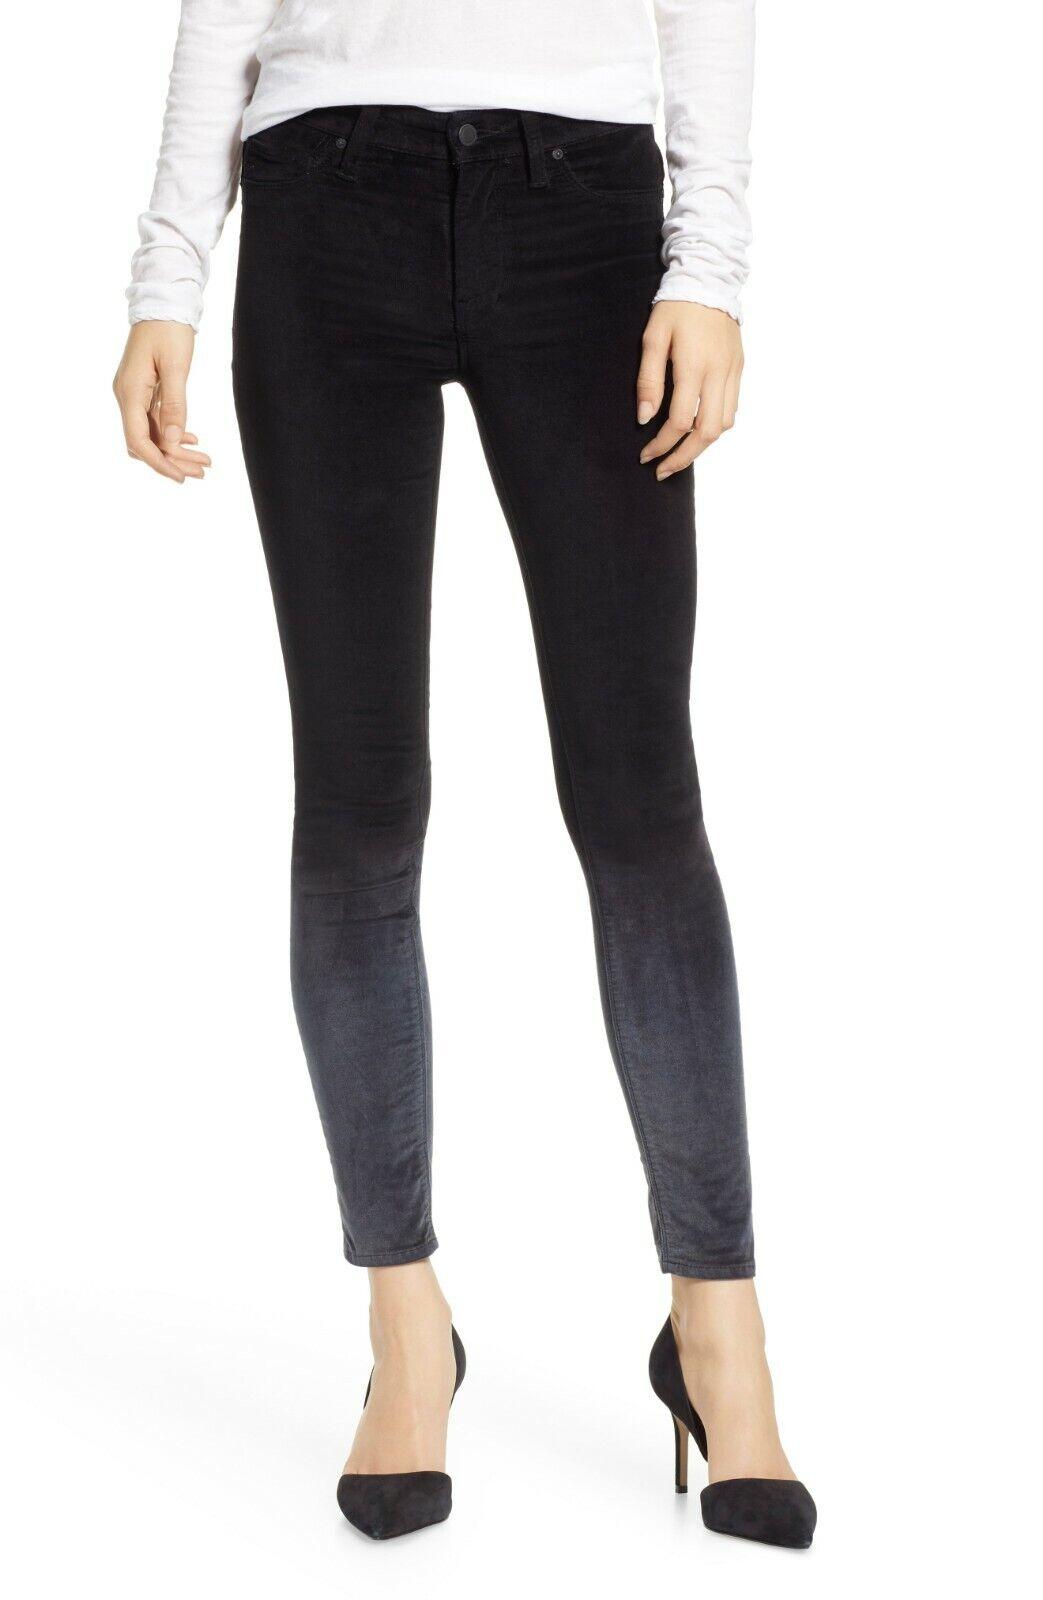 Nuevo con etiquetas HUDSON NICO  degradar Ombre Pizarra Negra súper Skinny Jeans de terciopelo en el tobillo  mejor calidad